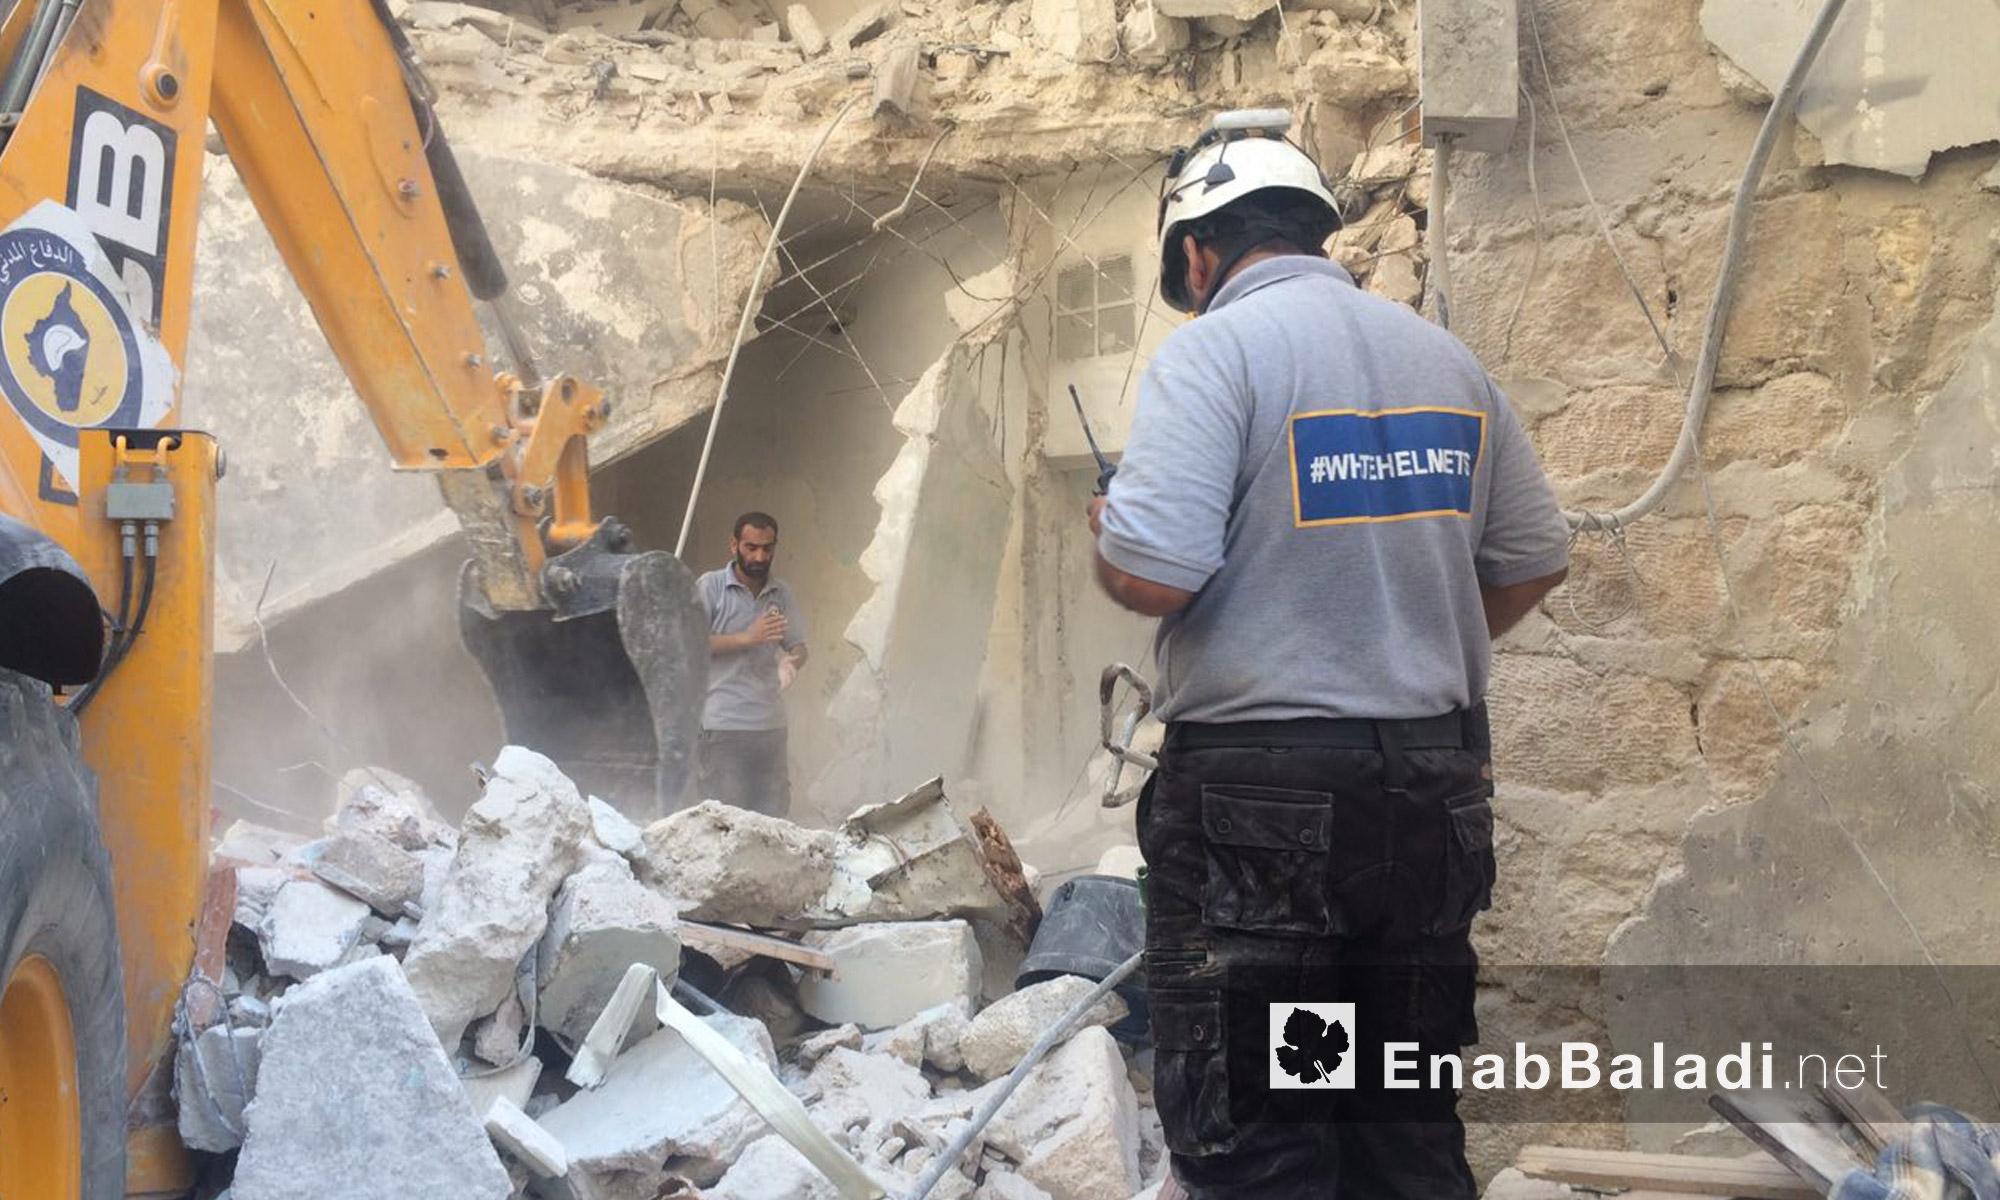 عنصران من الدفاع المدني بين آثار القصف على حي السكري في حلب - الاثنين 5 أيلول (عنب بلدي)